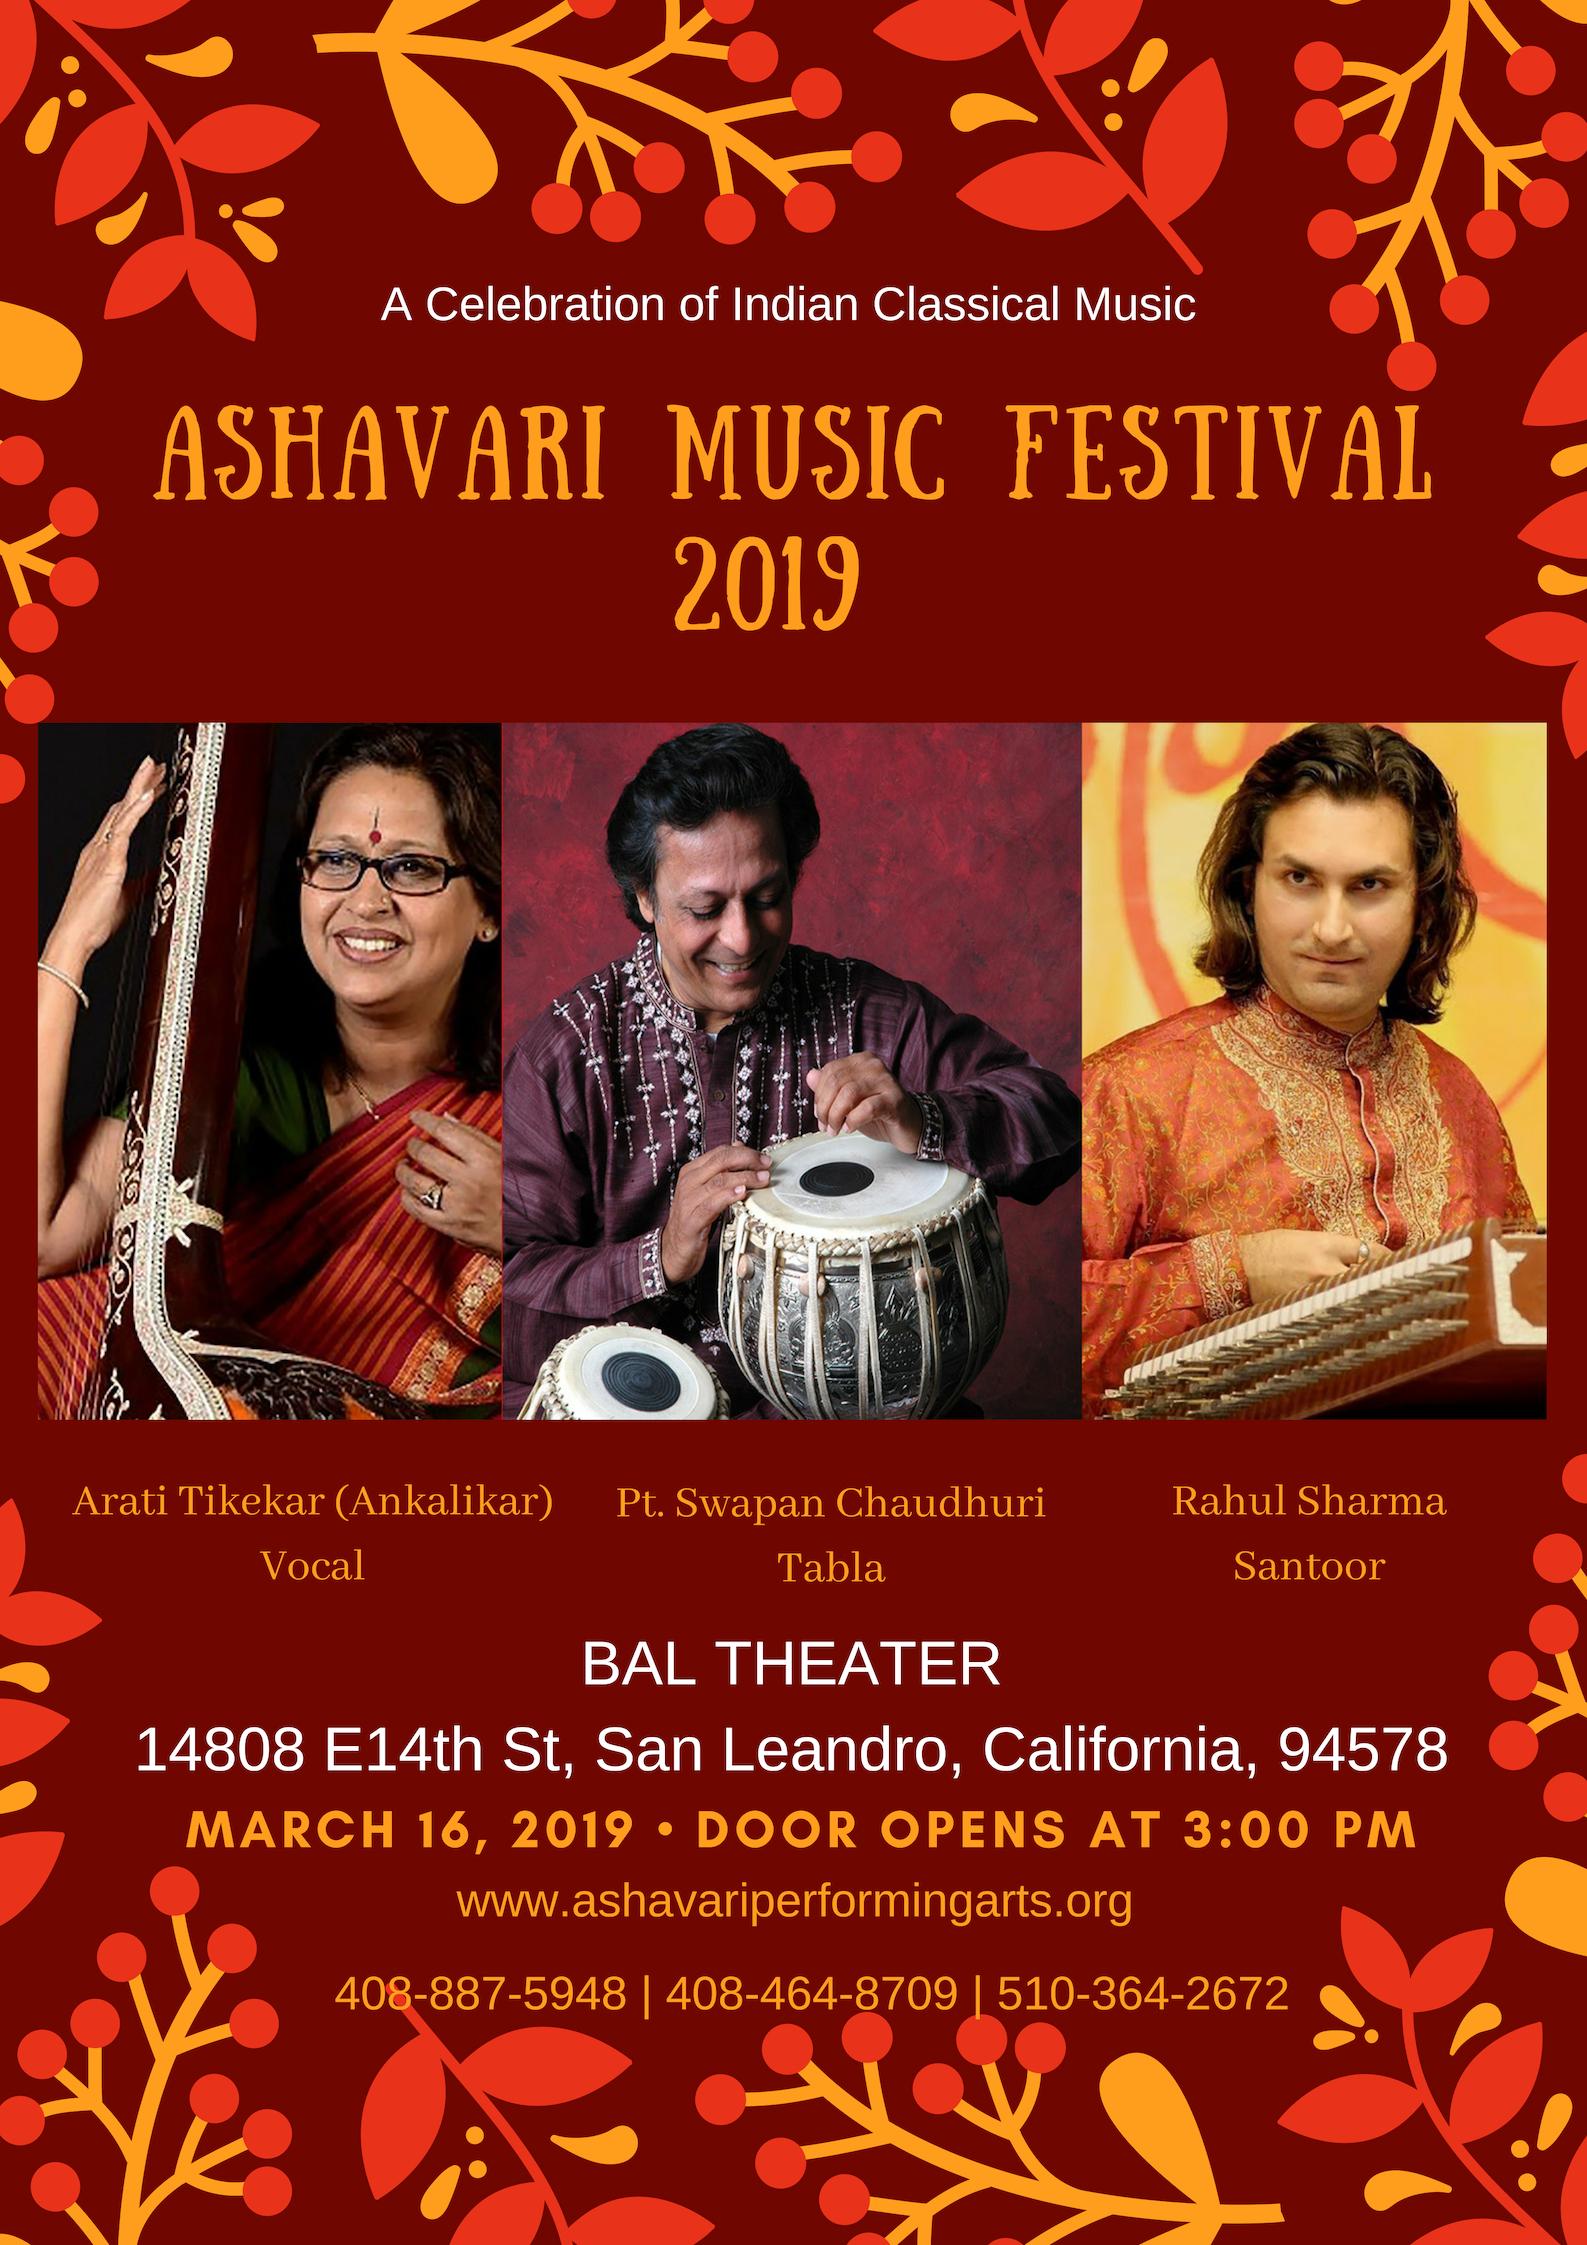 Ashavari Music Festival 2019